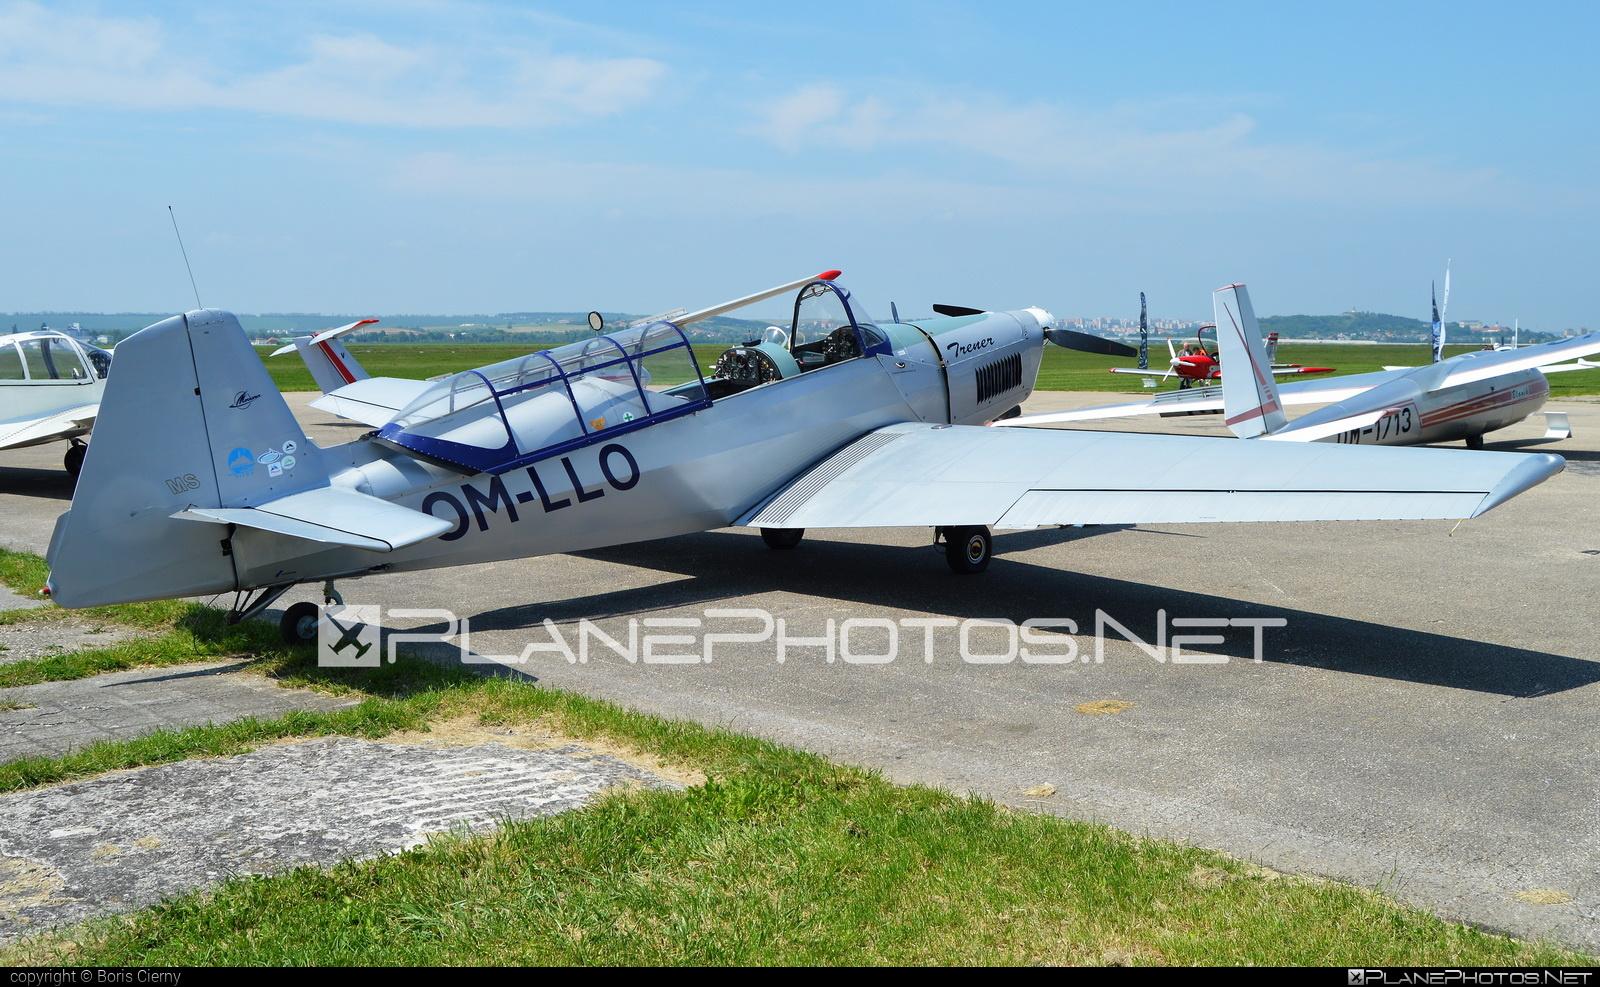 Zlin Z-226MS Trenér - OM-LLO operated by Slovenský národný aeroklub (Slovak National Aeroclub) #z226 #z226trener #zlin #zlin226 #zlintrener